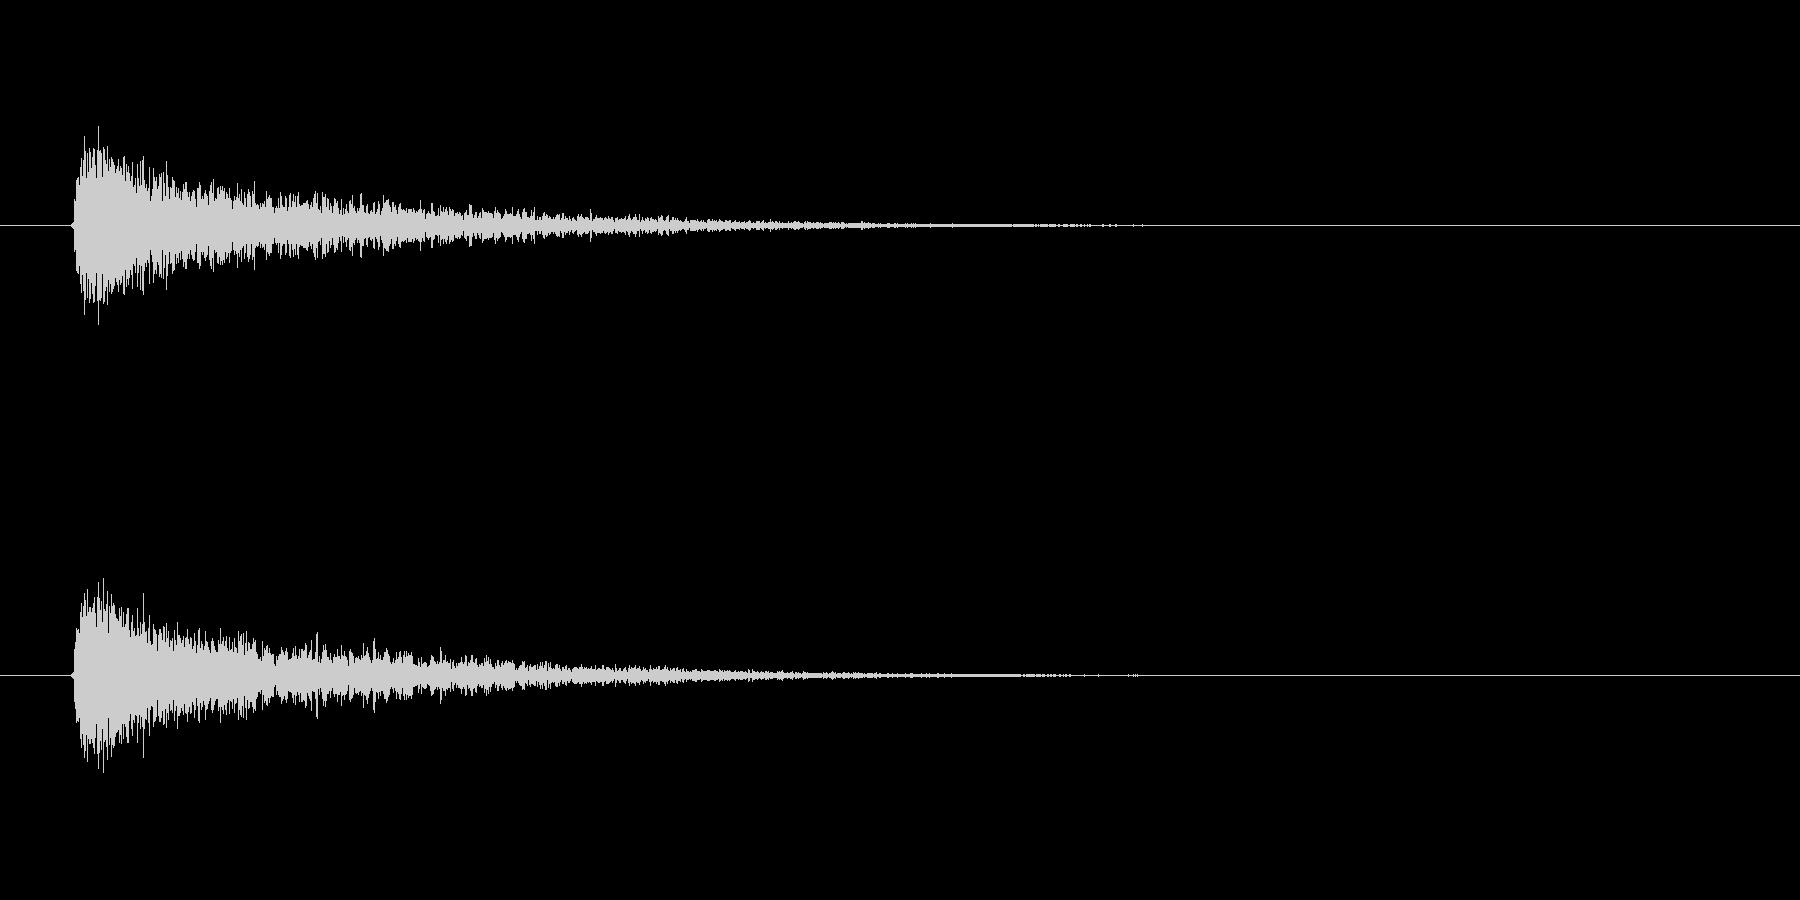 【衝撃08-1】の未再生の波形